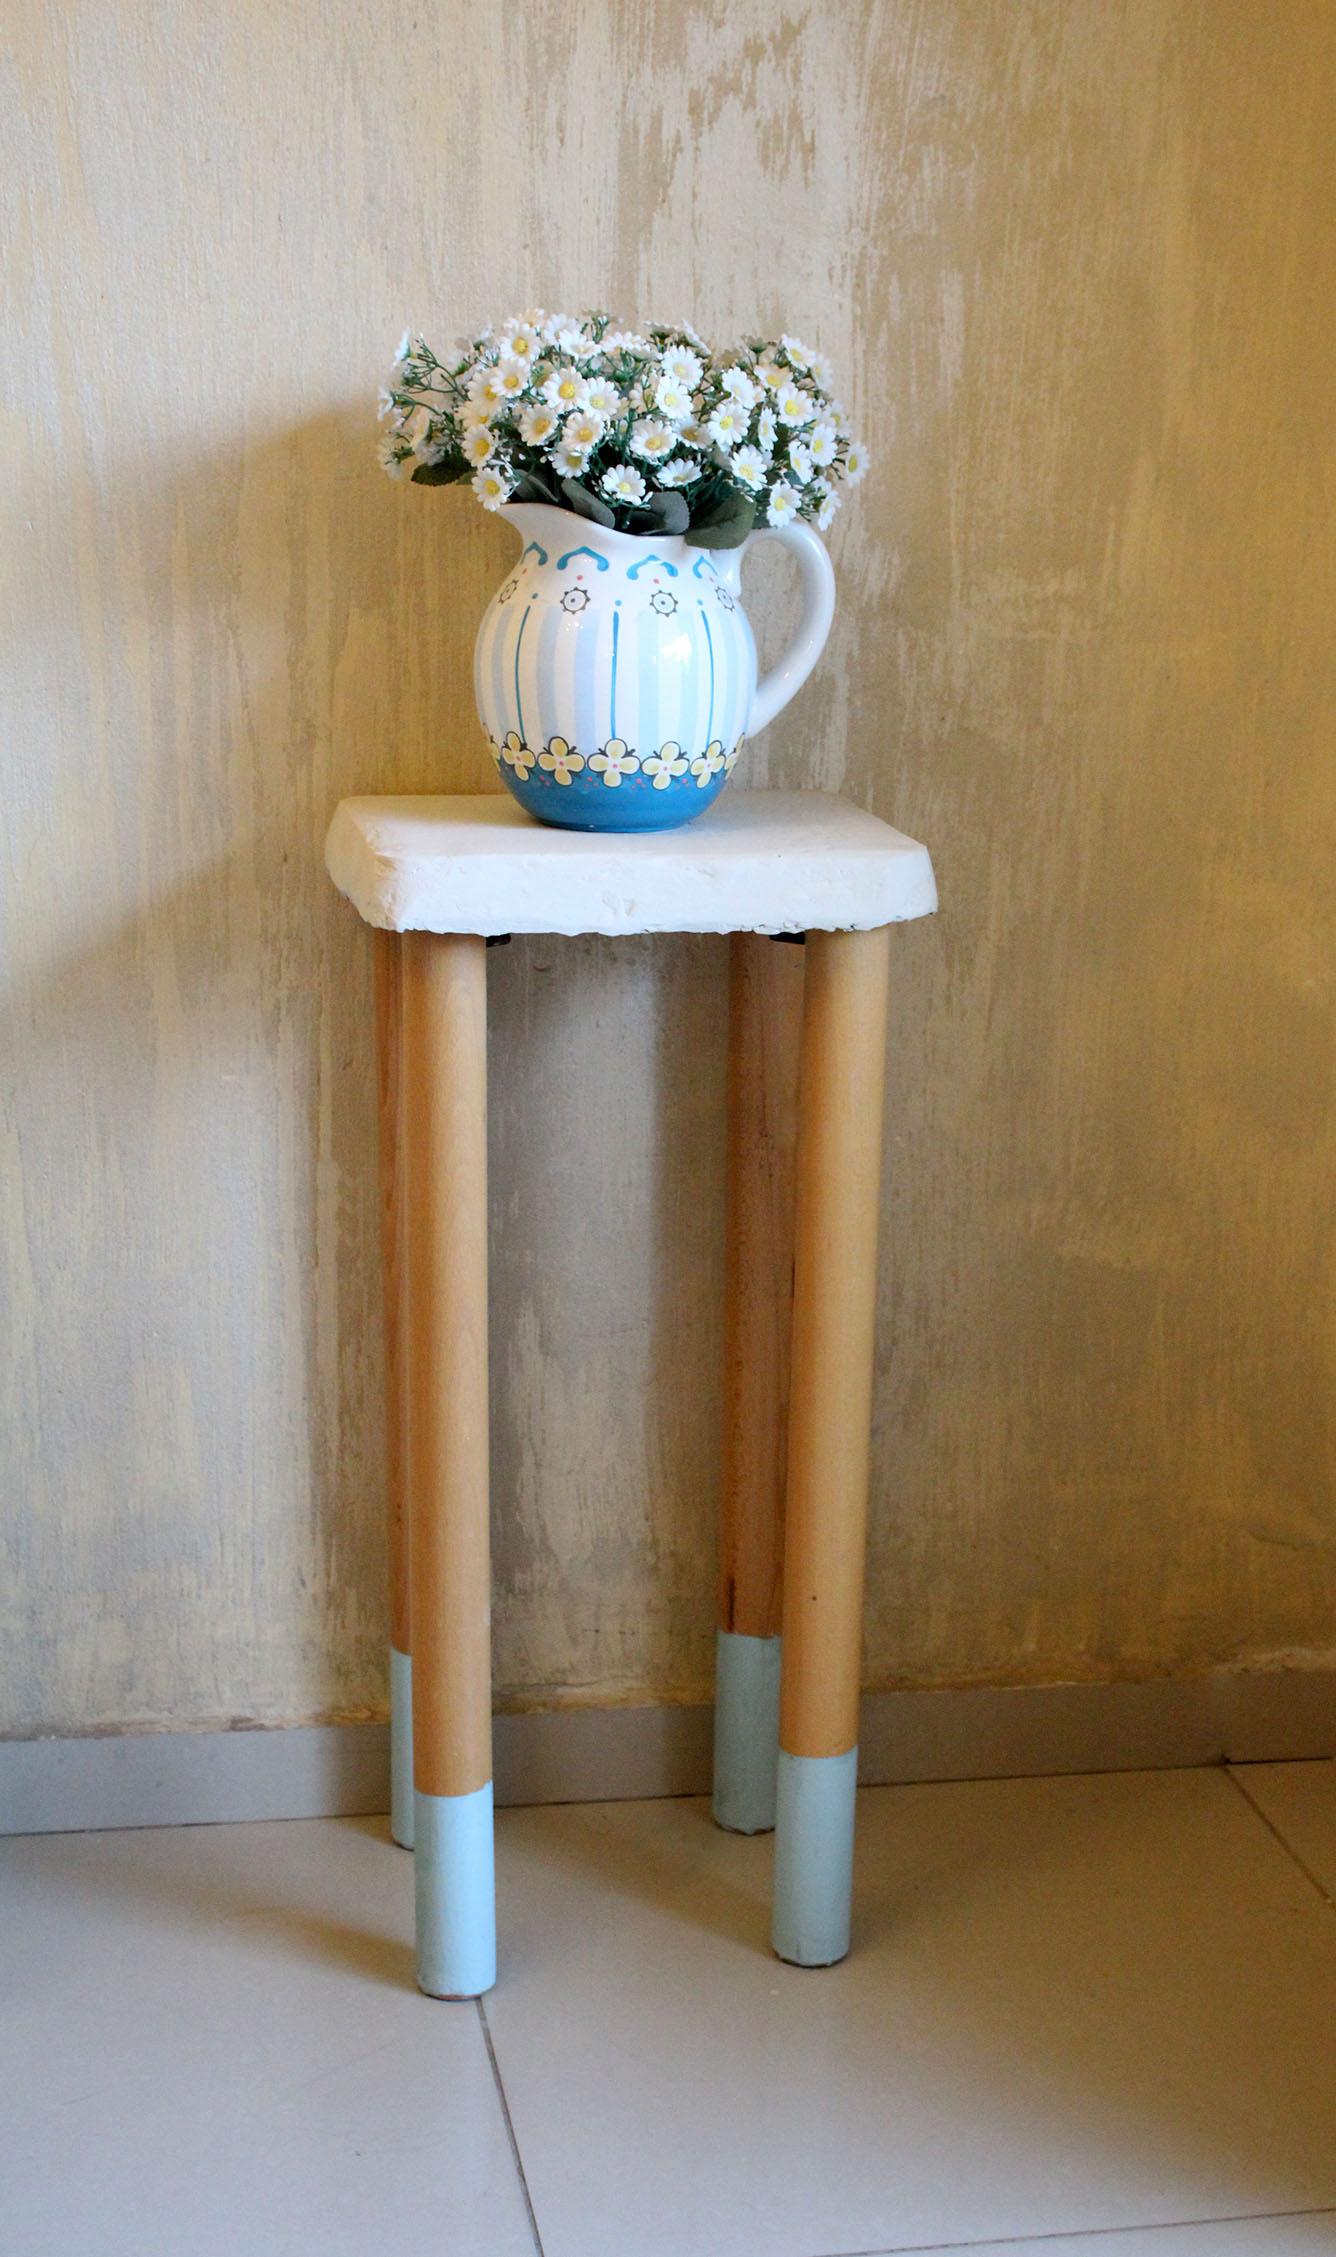 IMG 8939 1 - רהיטים קטנים ממלט